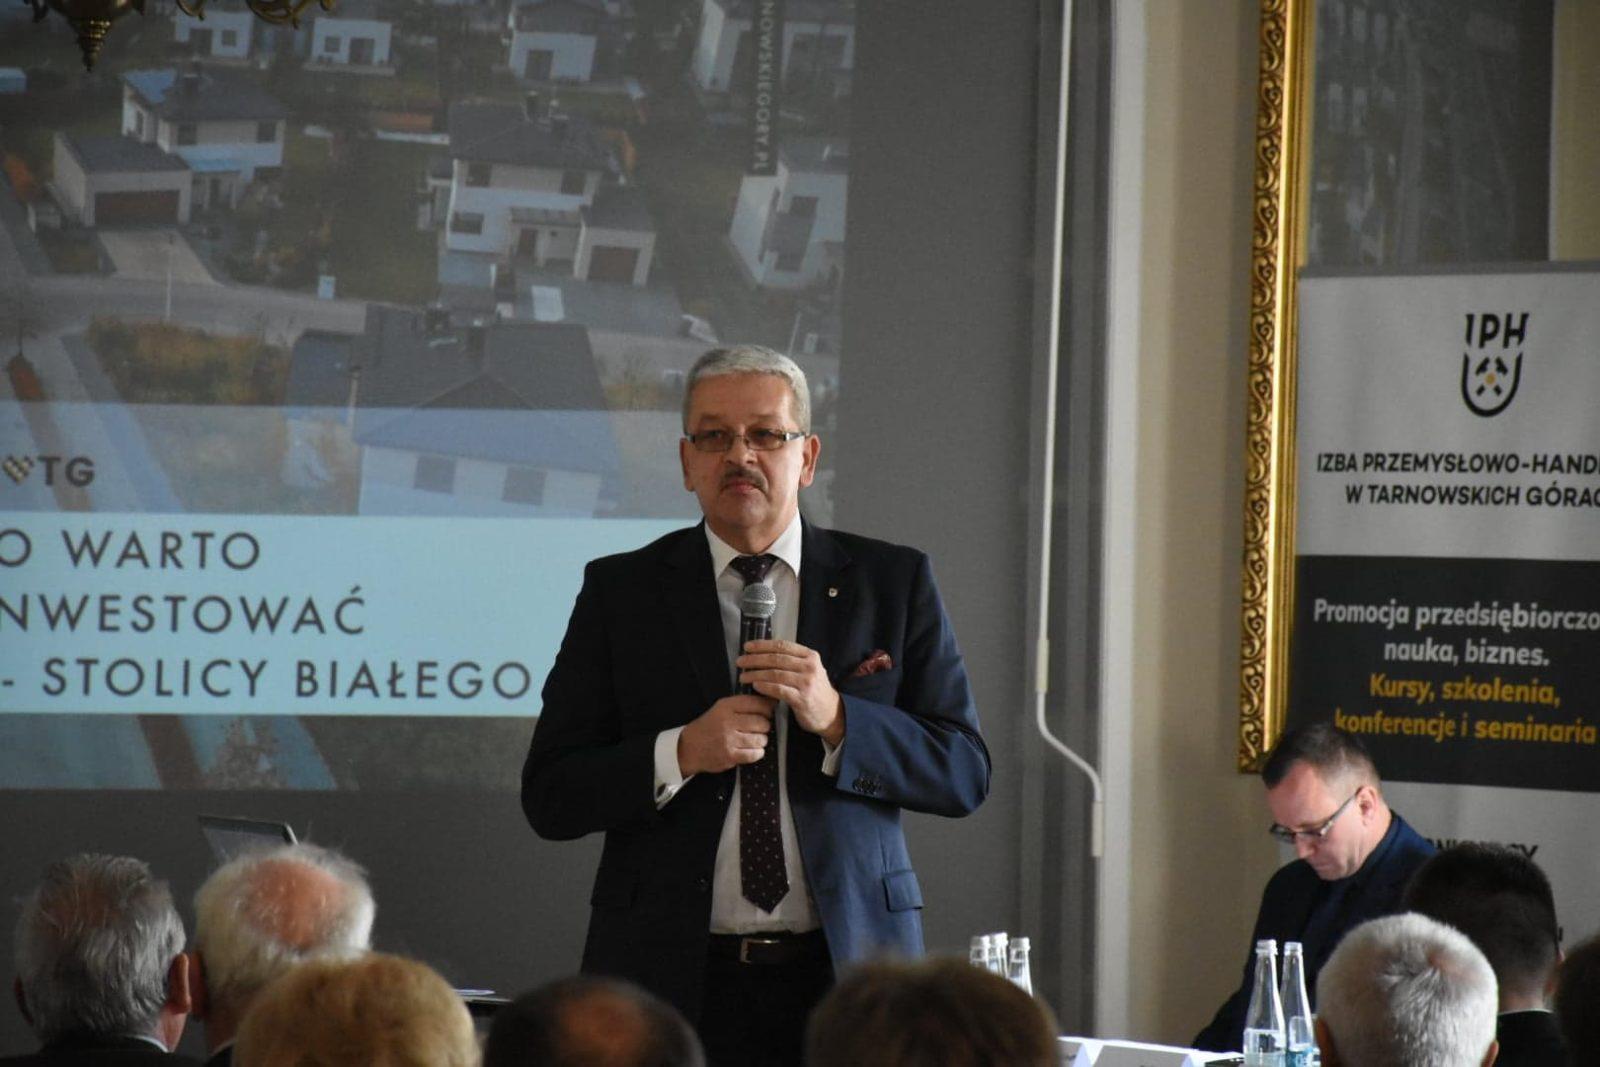 Konferencja Biały Śląsk w Pałacu w Rybnej. Piotr Skrabaczewski przemawia.